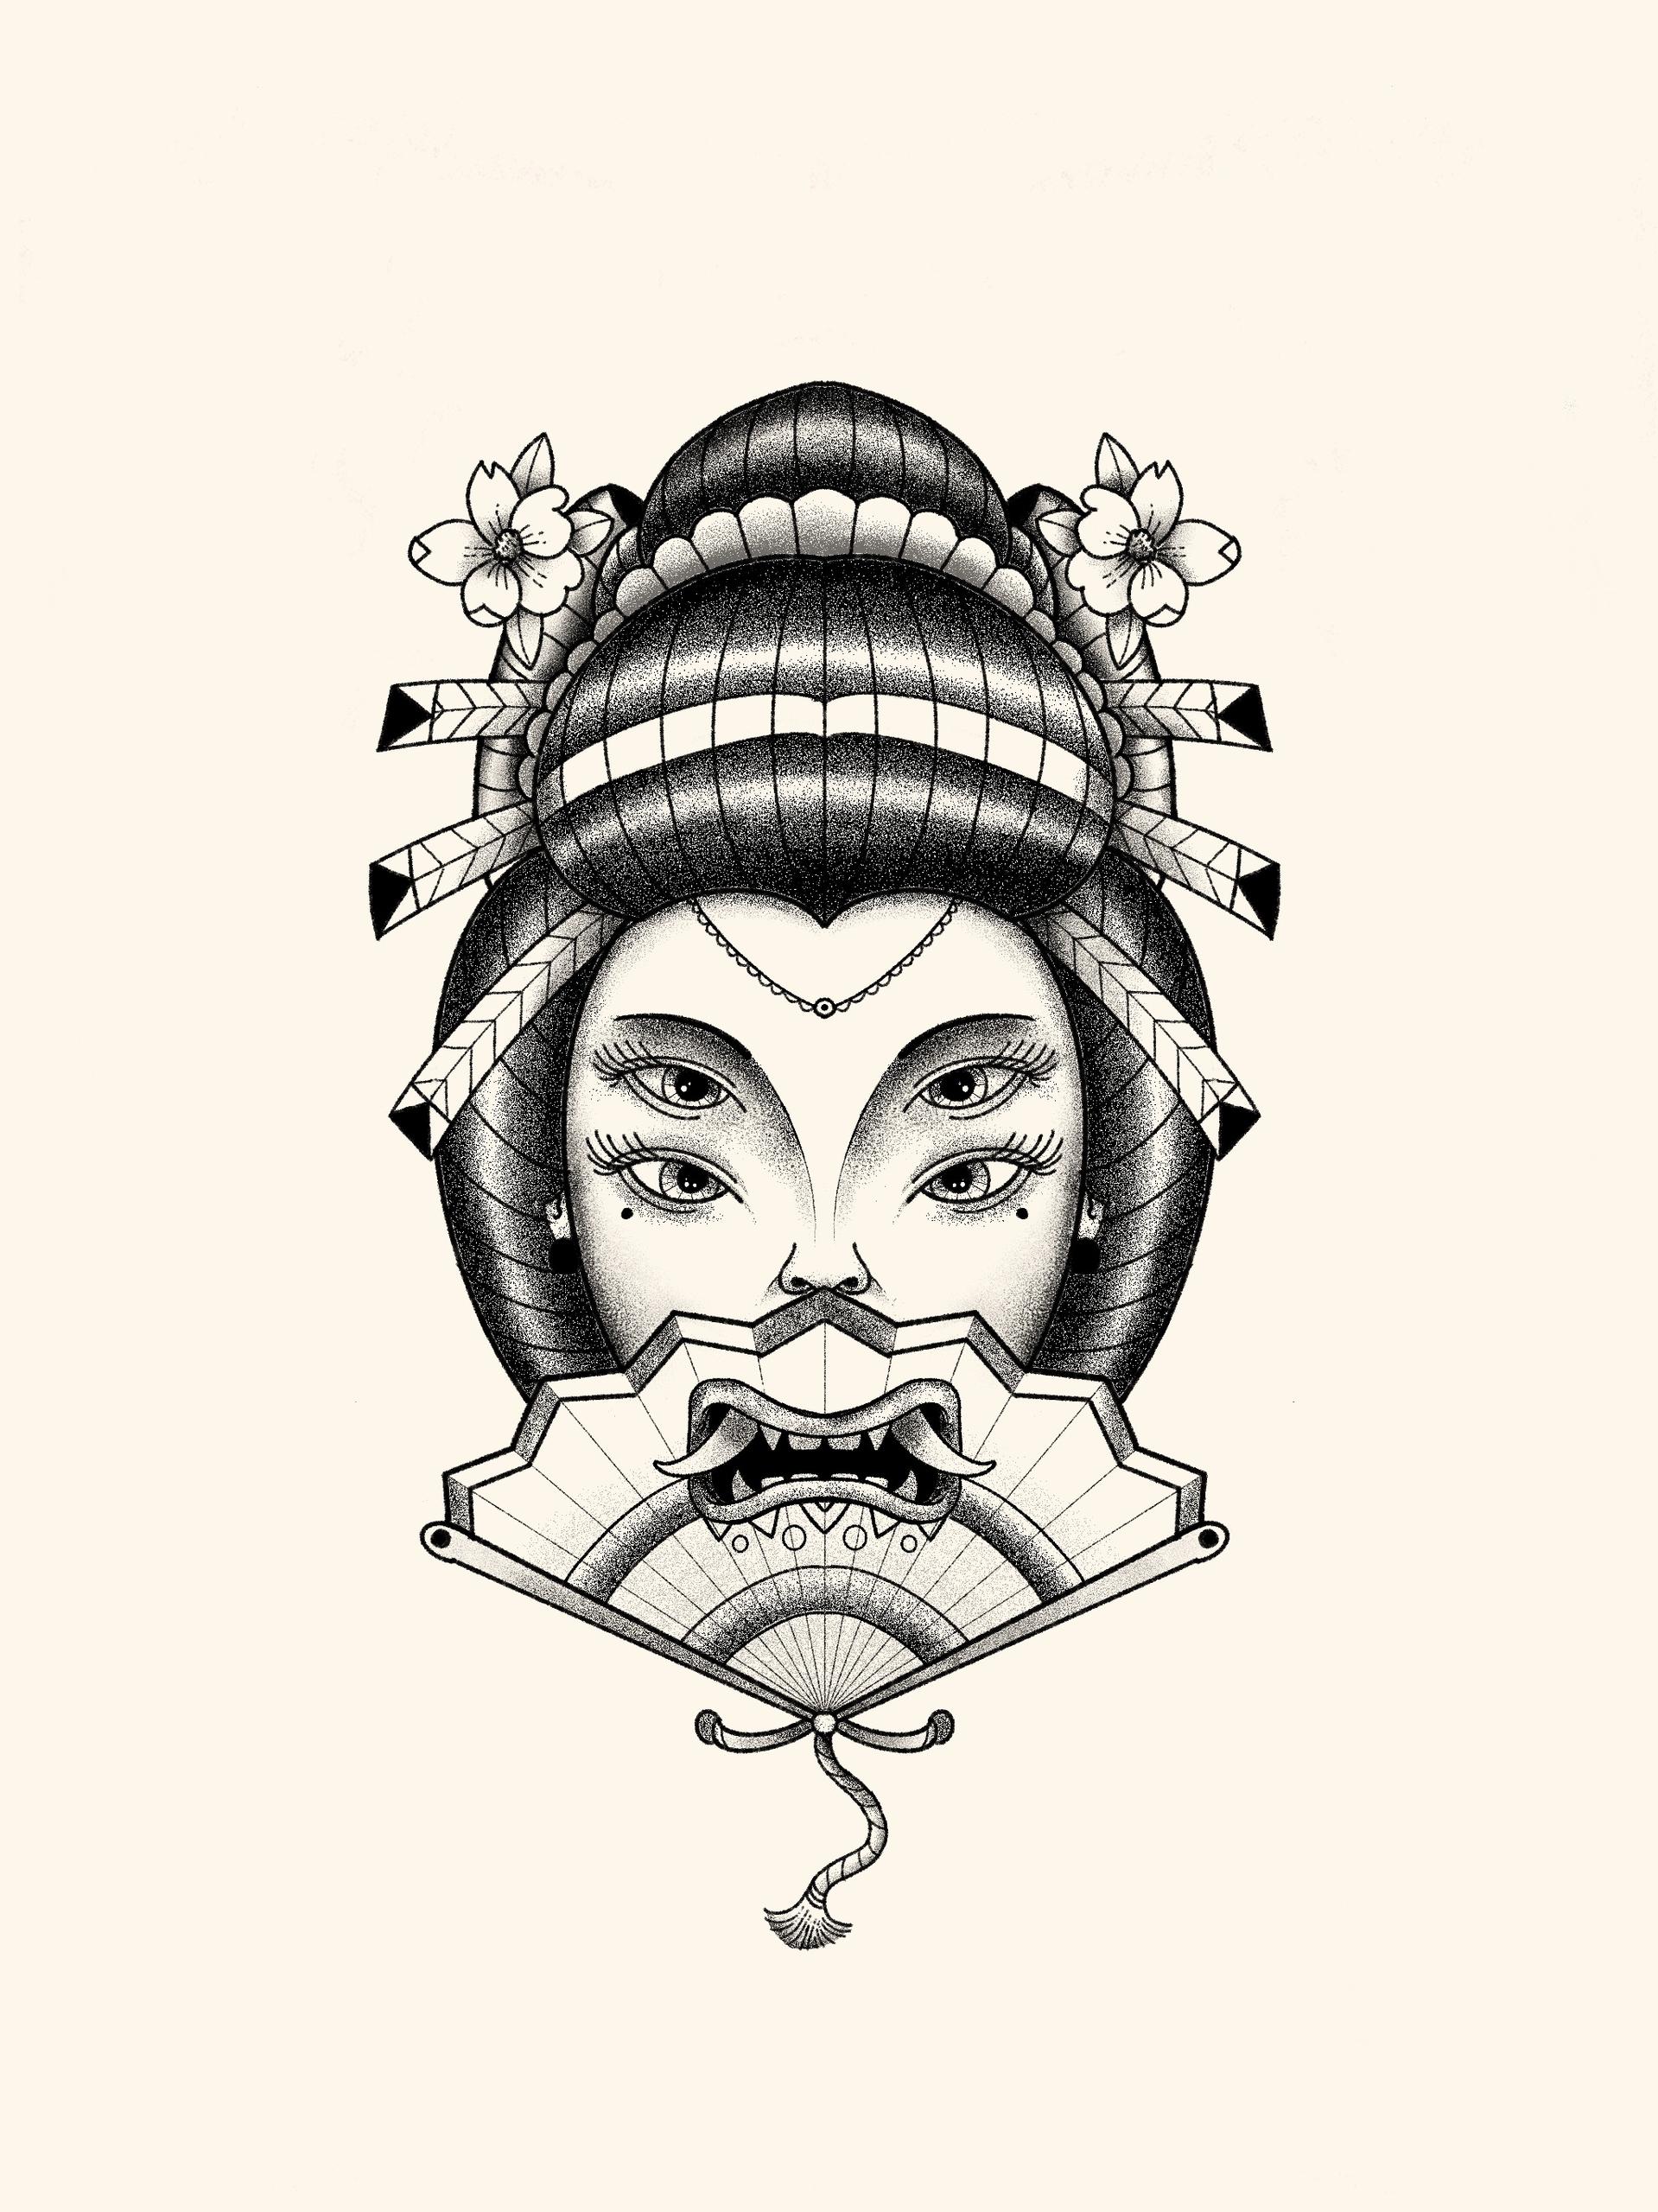 Geisha mask - heymikel | ello